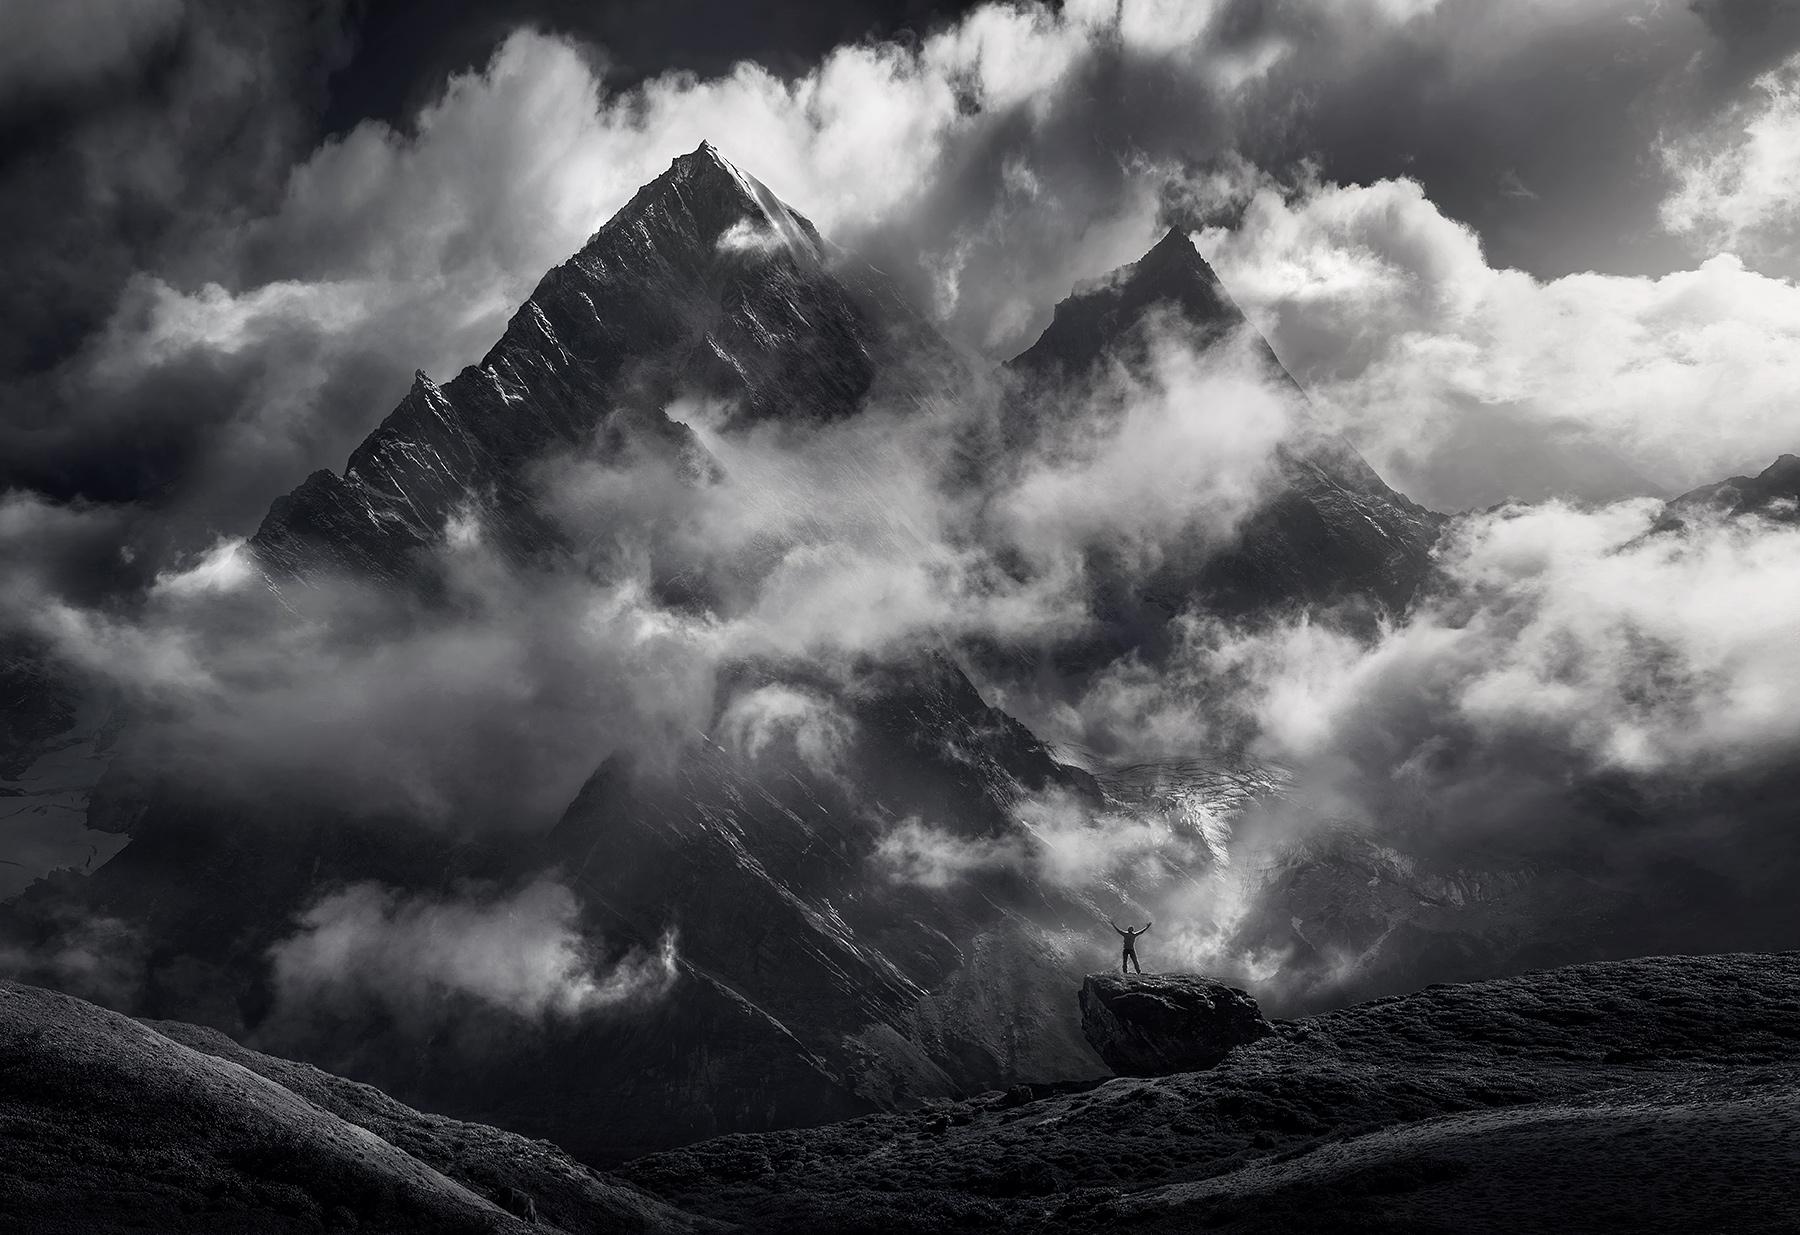 Steve Zigler, Himalaya, Tibet, Mountains, photo